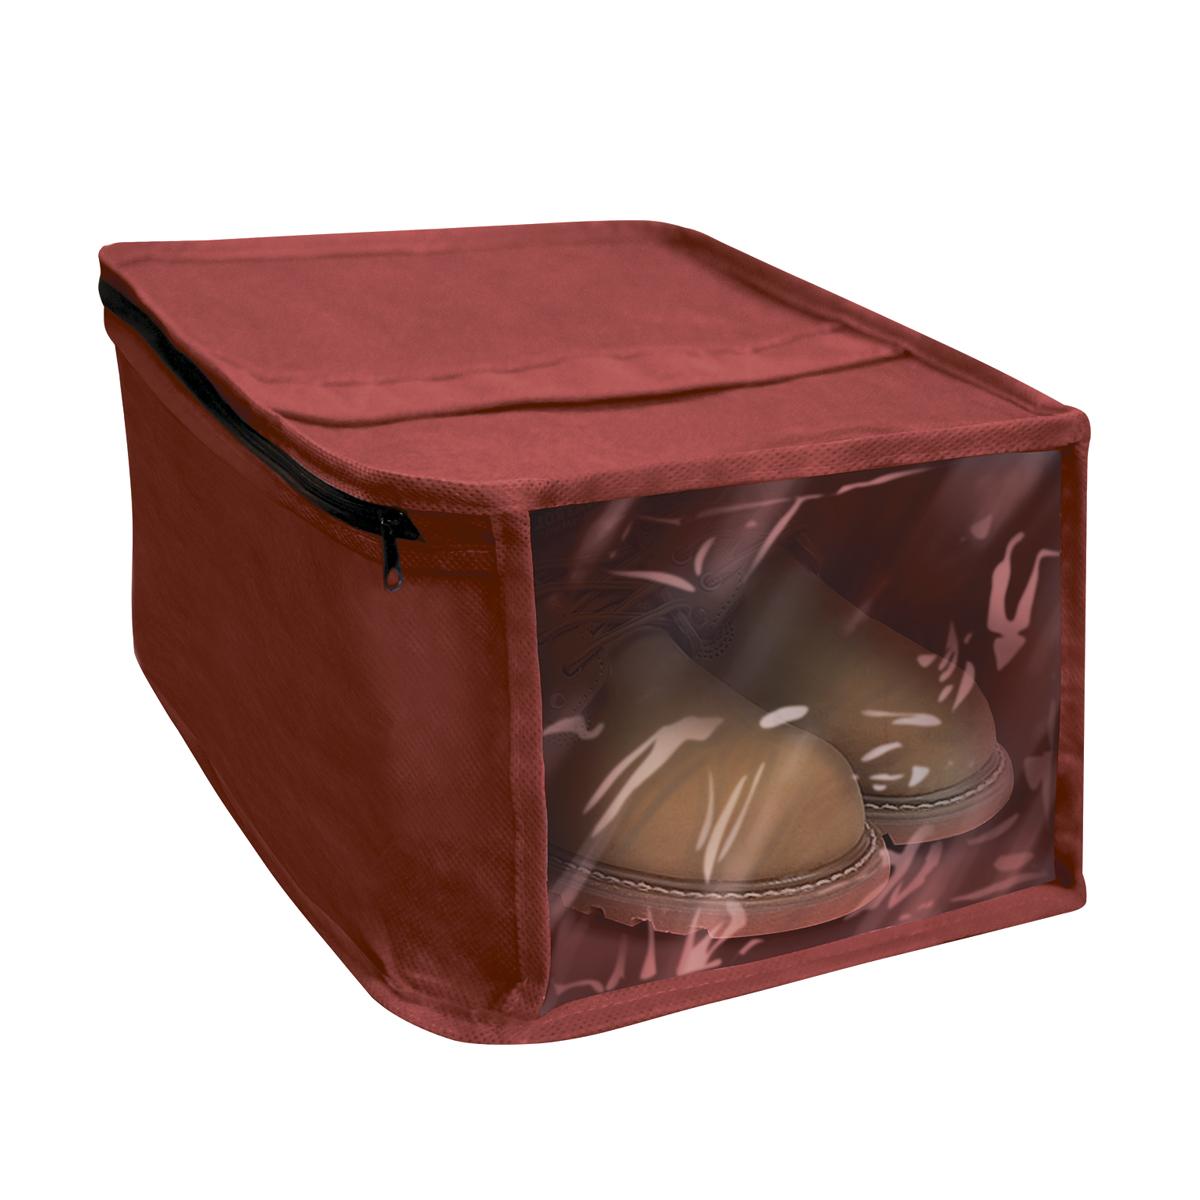 Чехол для хранения обуви Miolla, с окошком, цвет: бордовый, 30 х 25 х 15 см